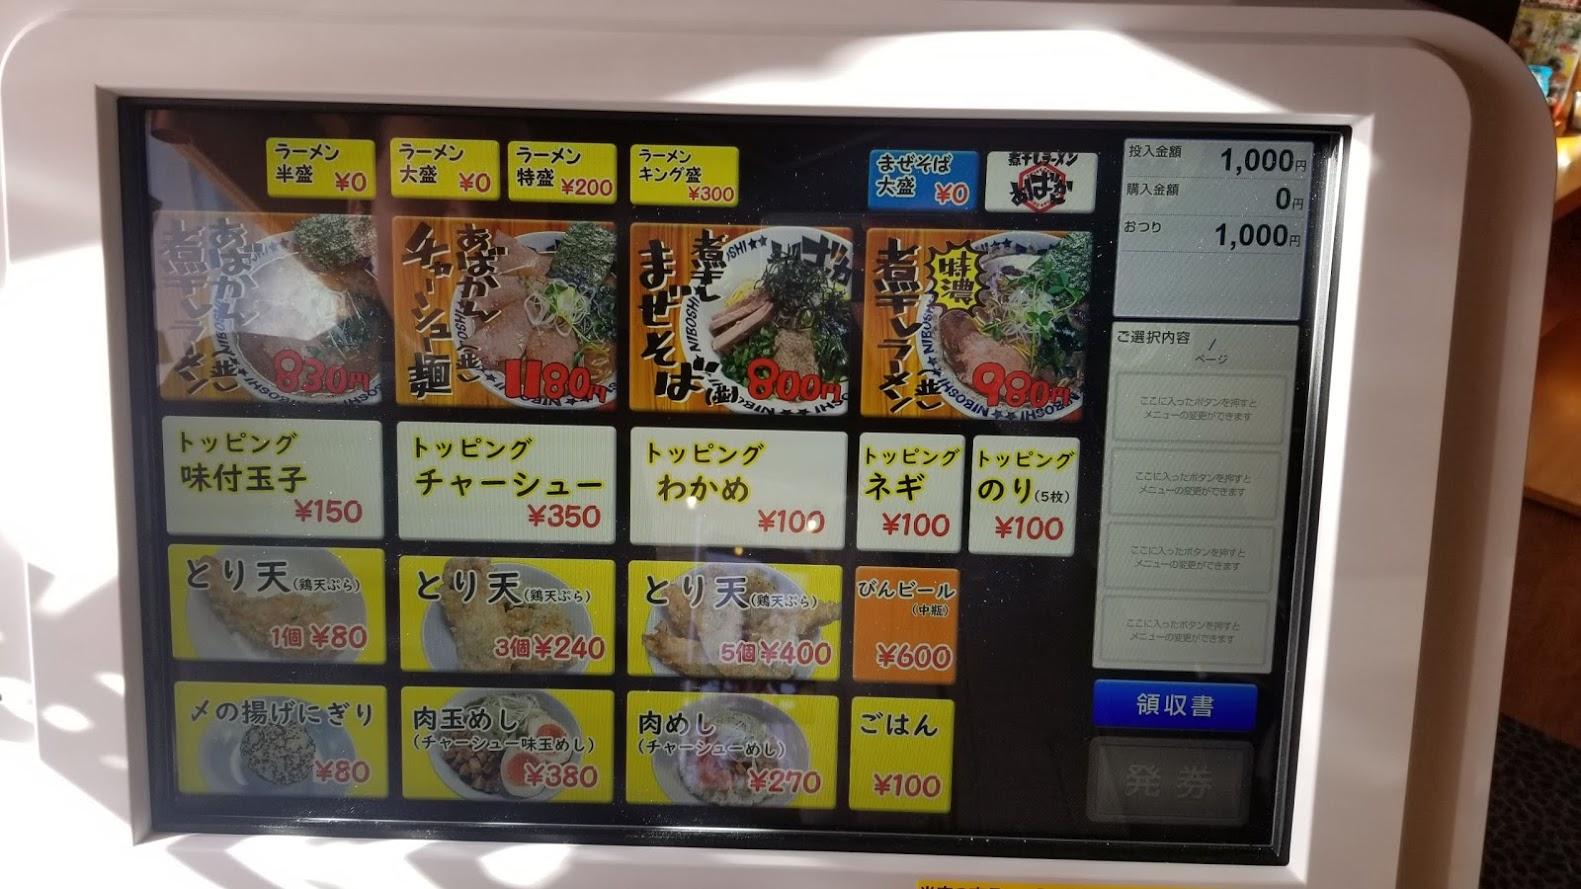 【仙台東口】煮干しラーメンあばかん本店の写真あれこれ